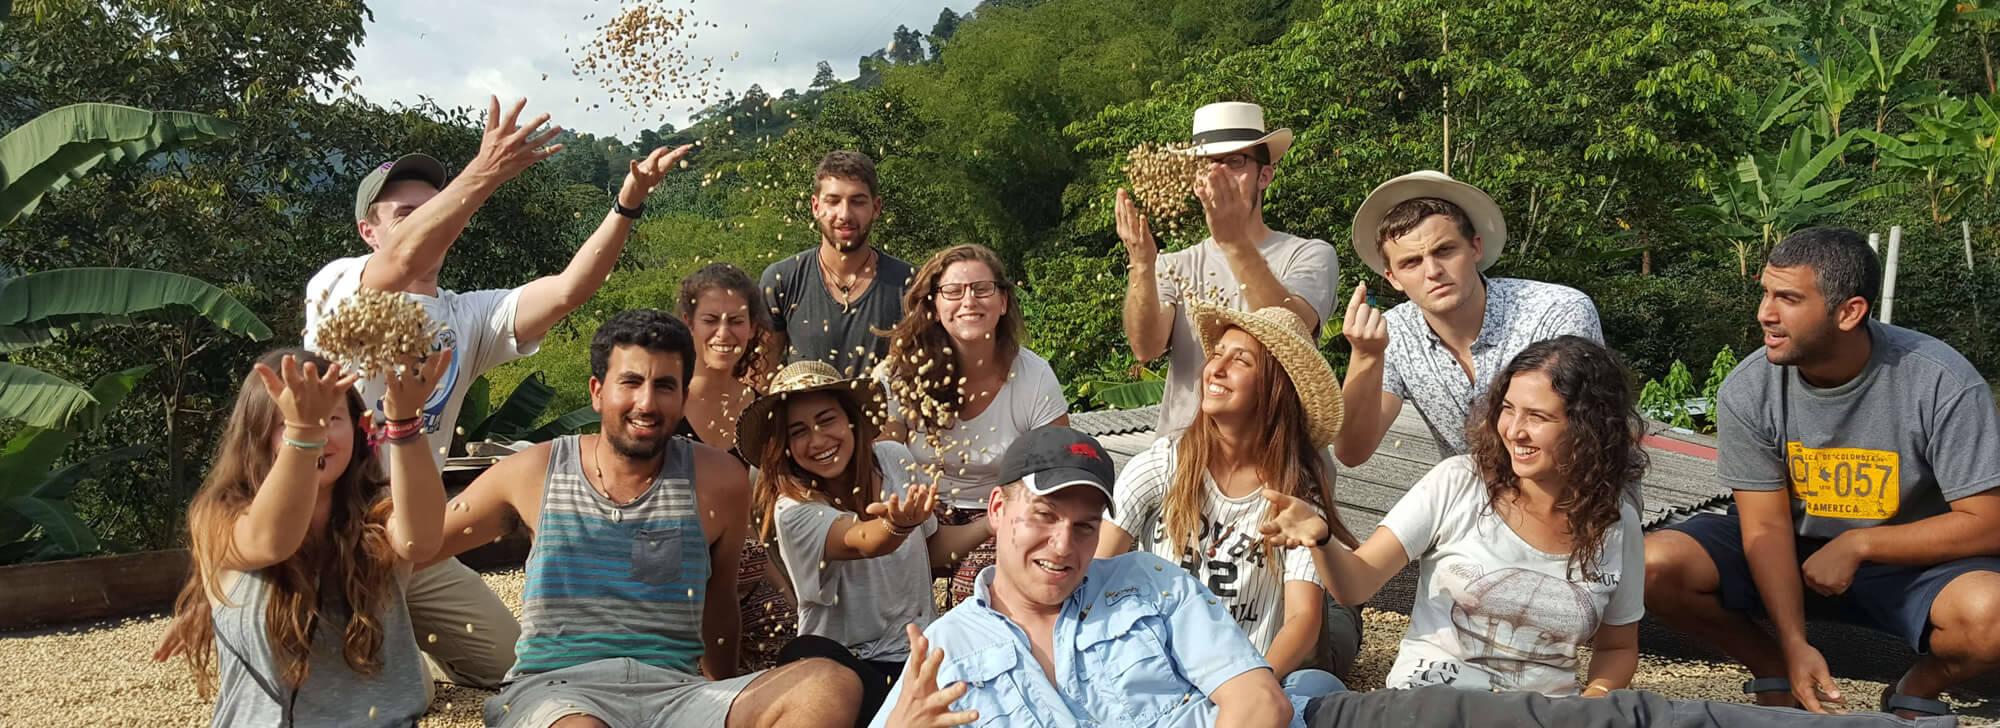 Experiencias y tour de café de la región del café y viajes con la gente y la naturaleza de colombia en el eje cafetero